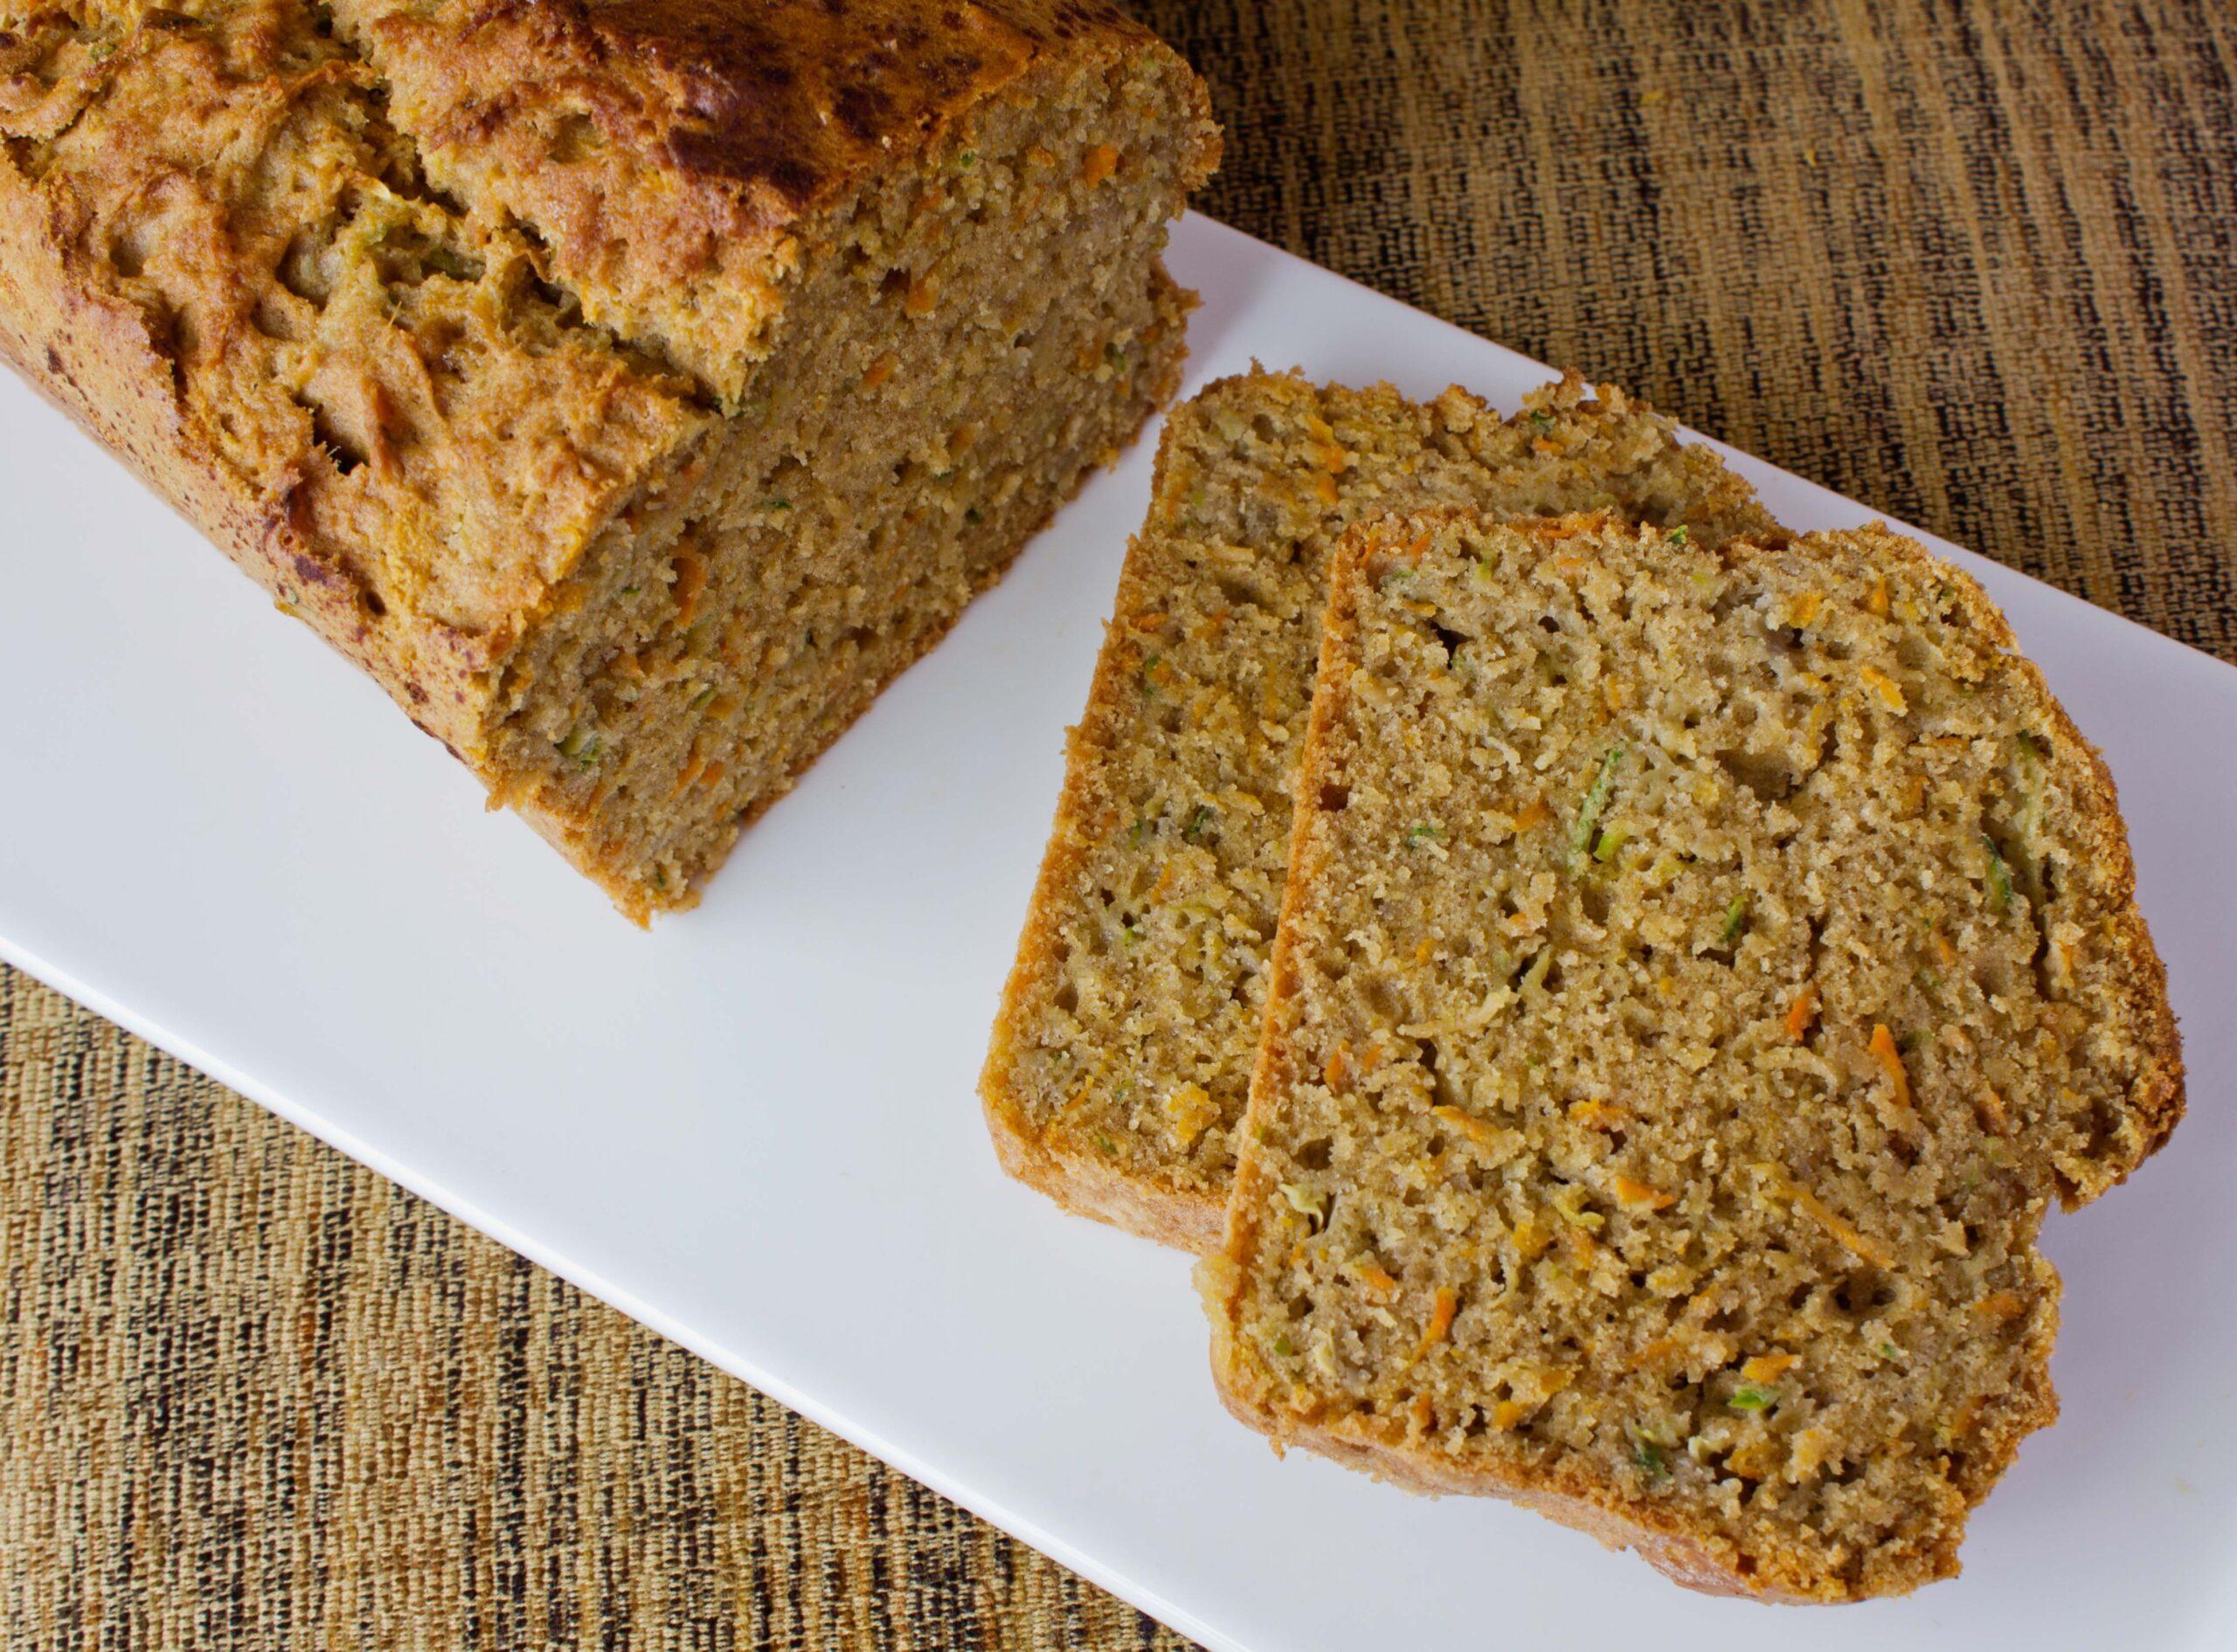 KETO ZUCCHINI CHEESY BREAD RECIPE